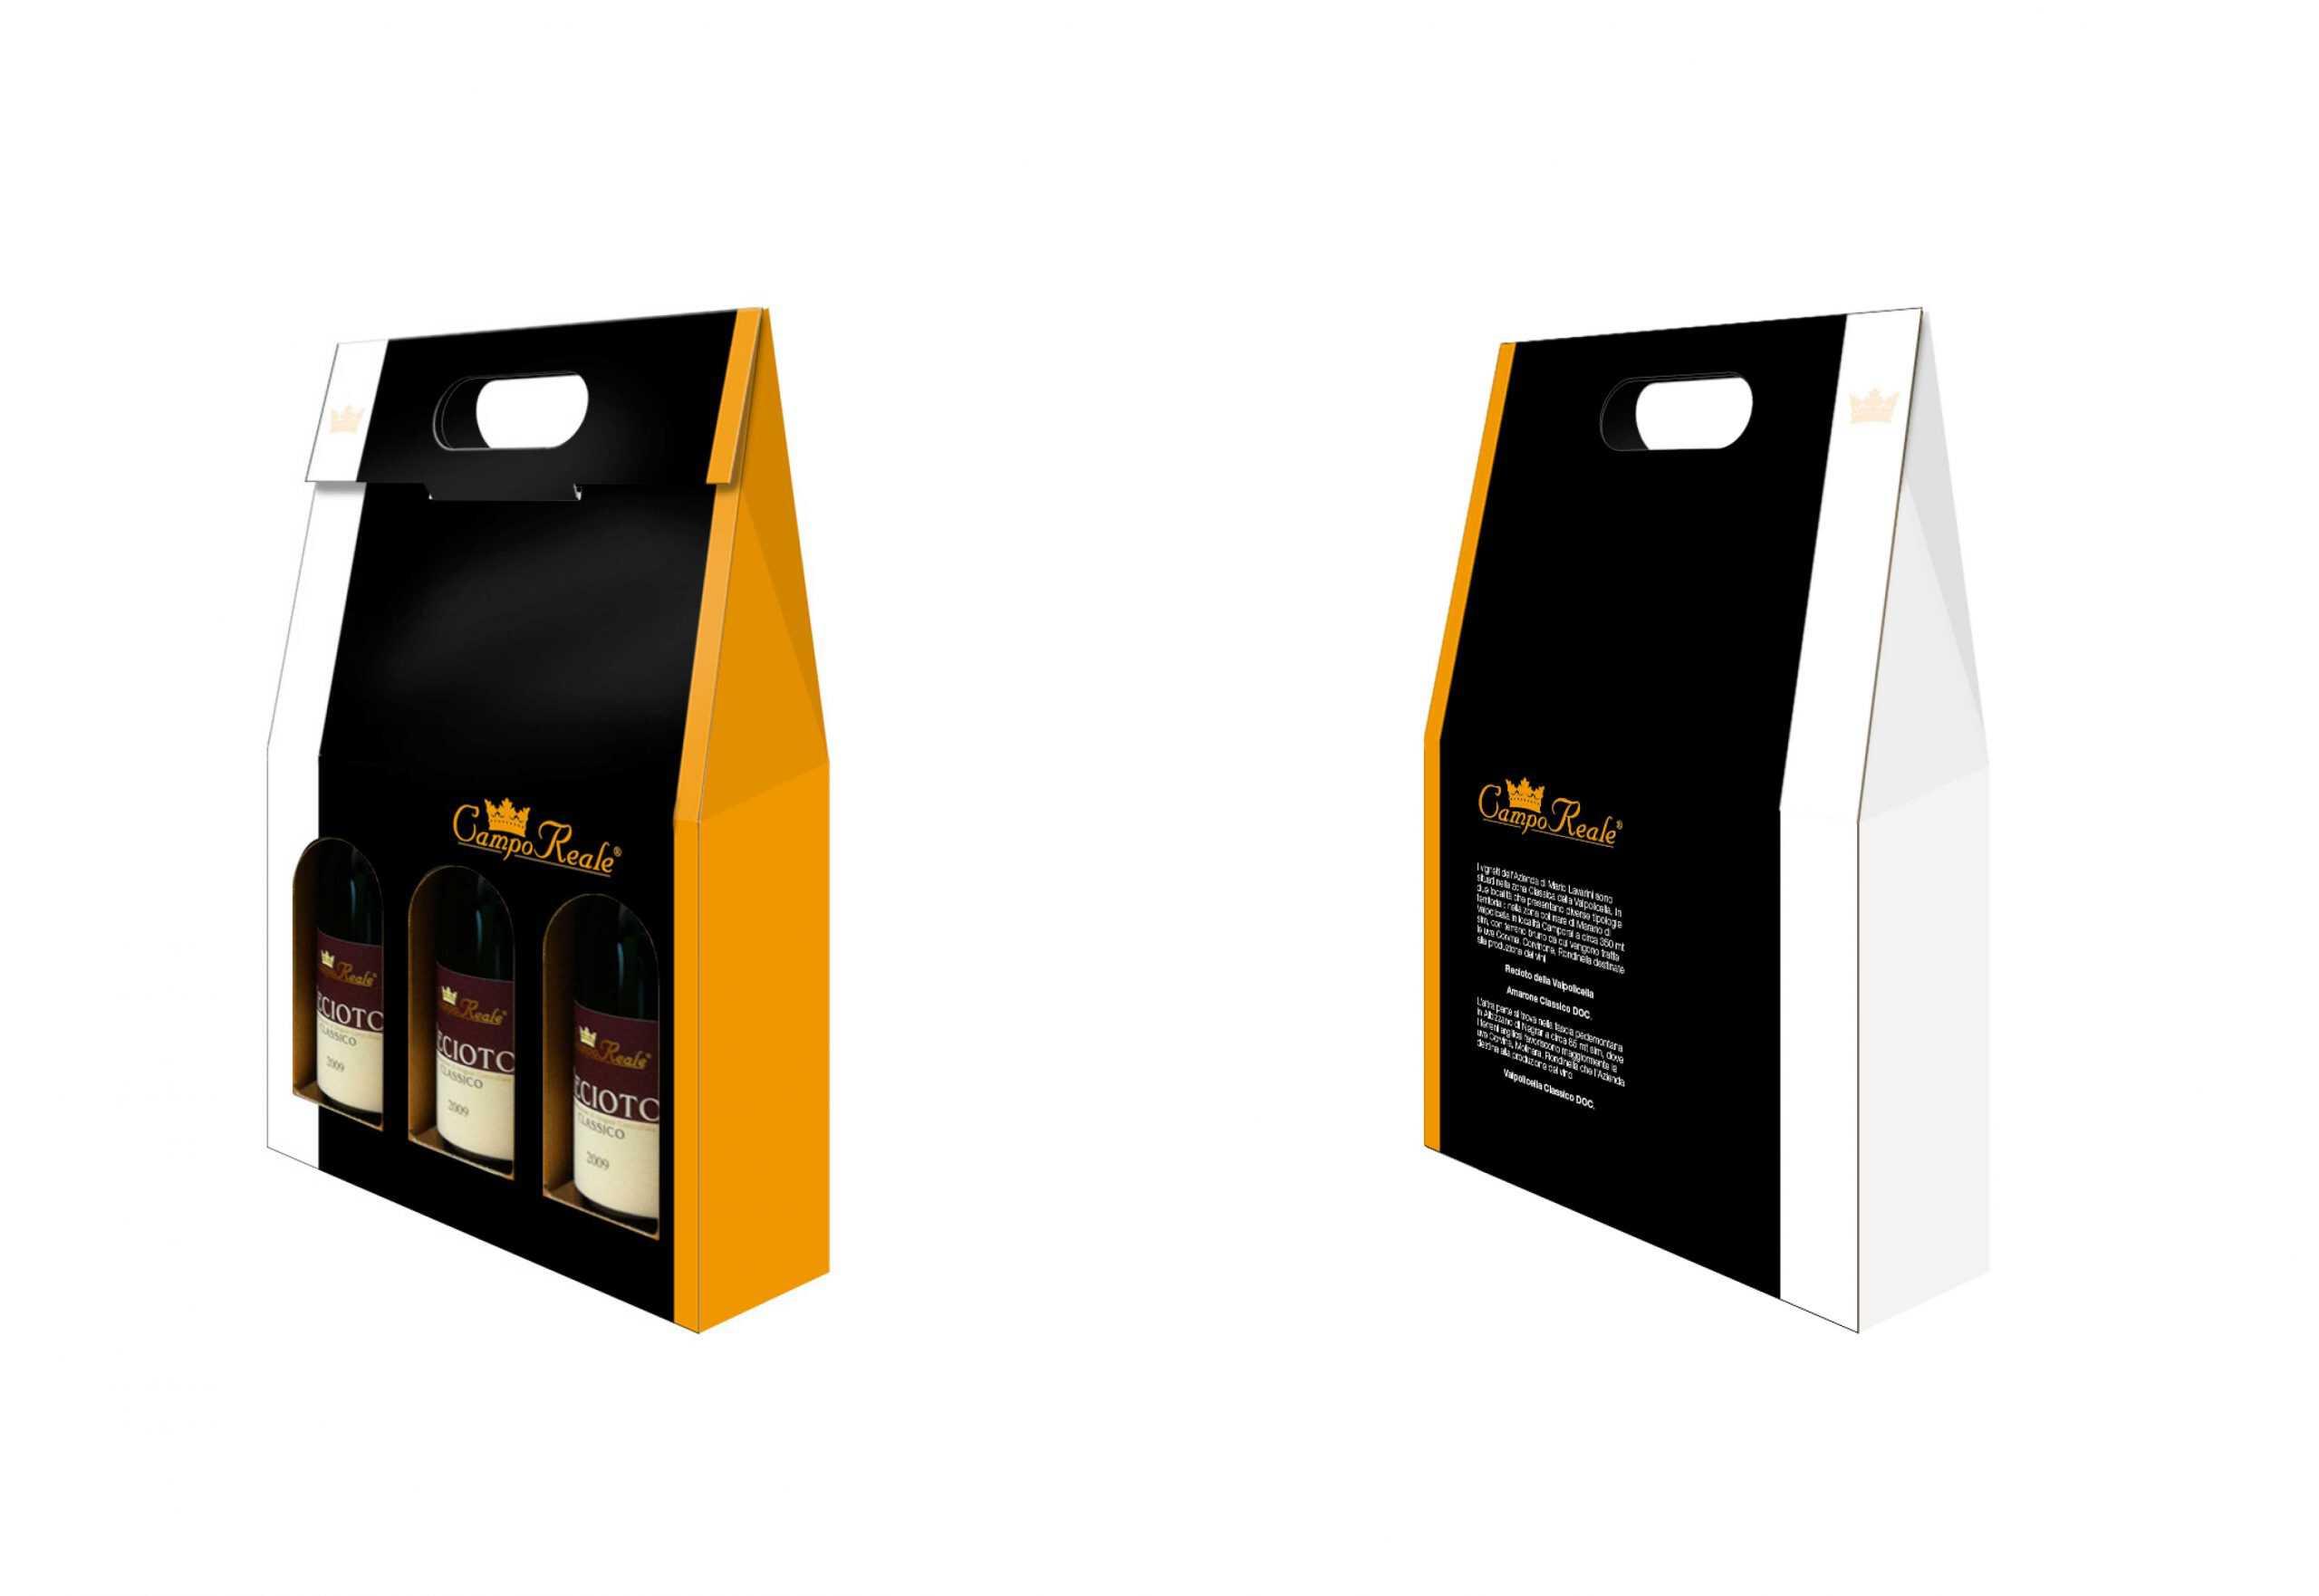 K89Design-Box-Camporeale-progettazione-packaging-padova